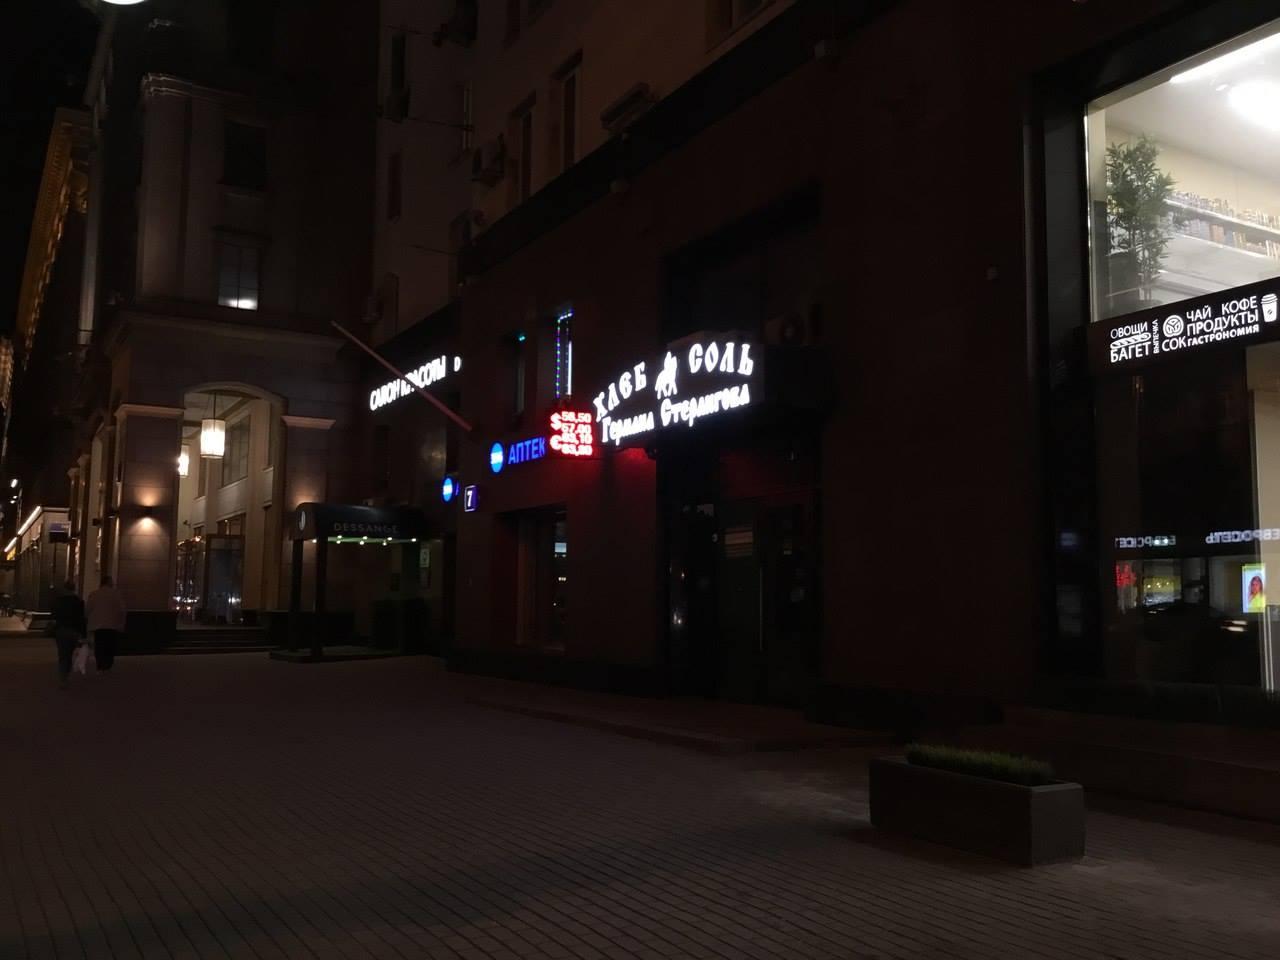 Герман Стерлигов закроет магазины «Хлеб и соль» в Москве